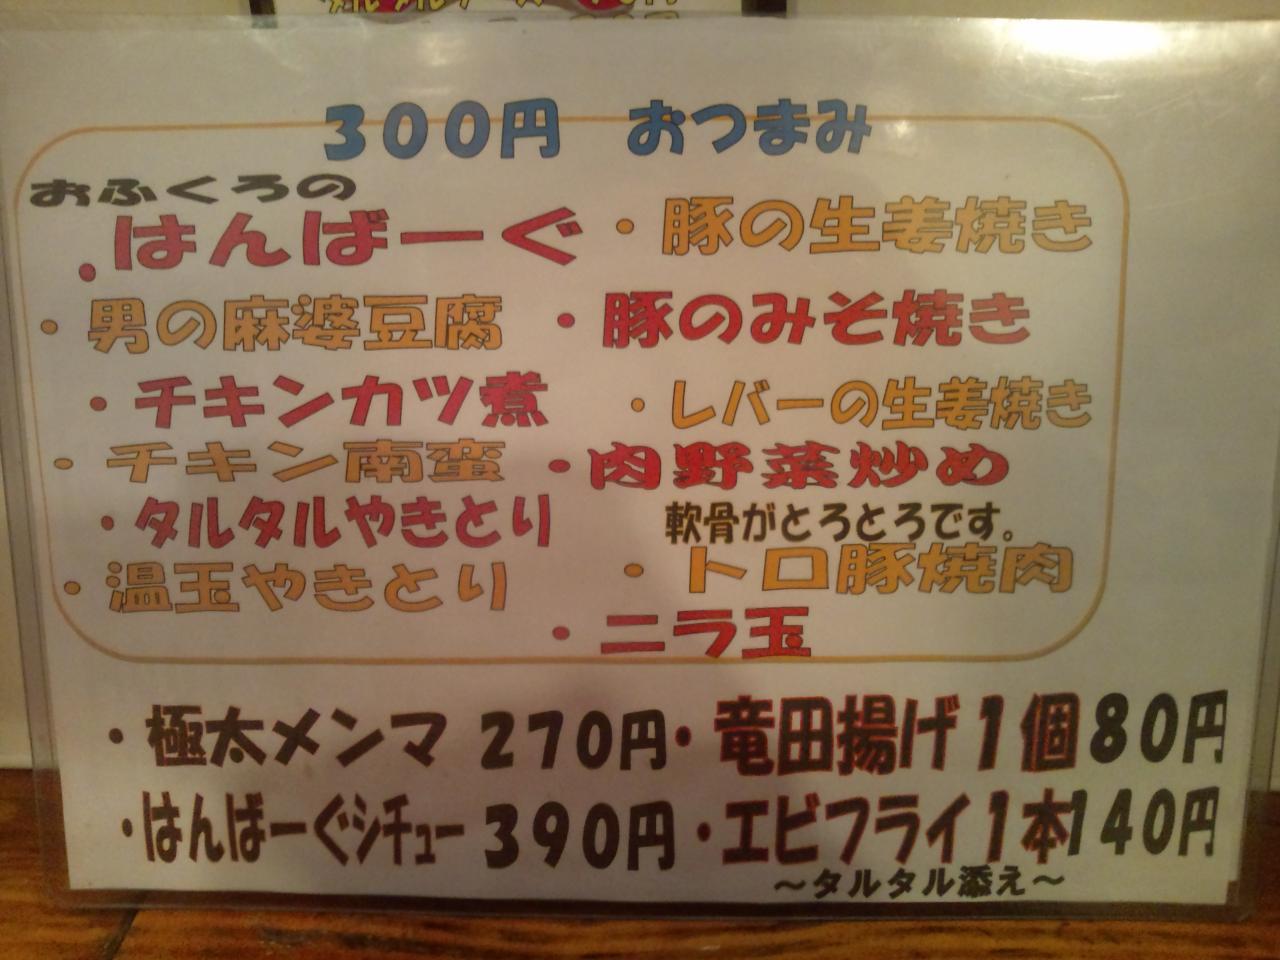 男の晩ごはん三鷹店(メニュー)